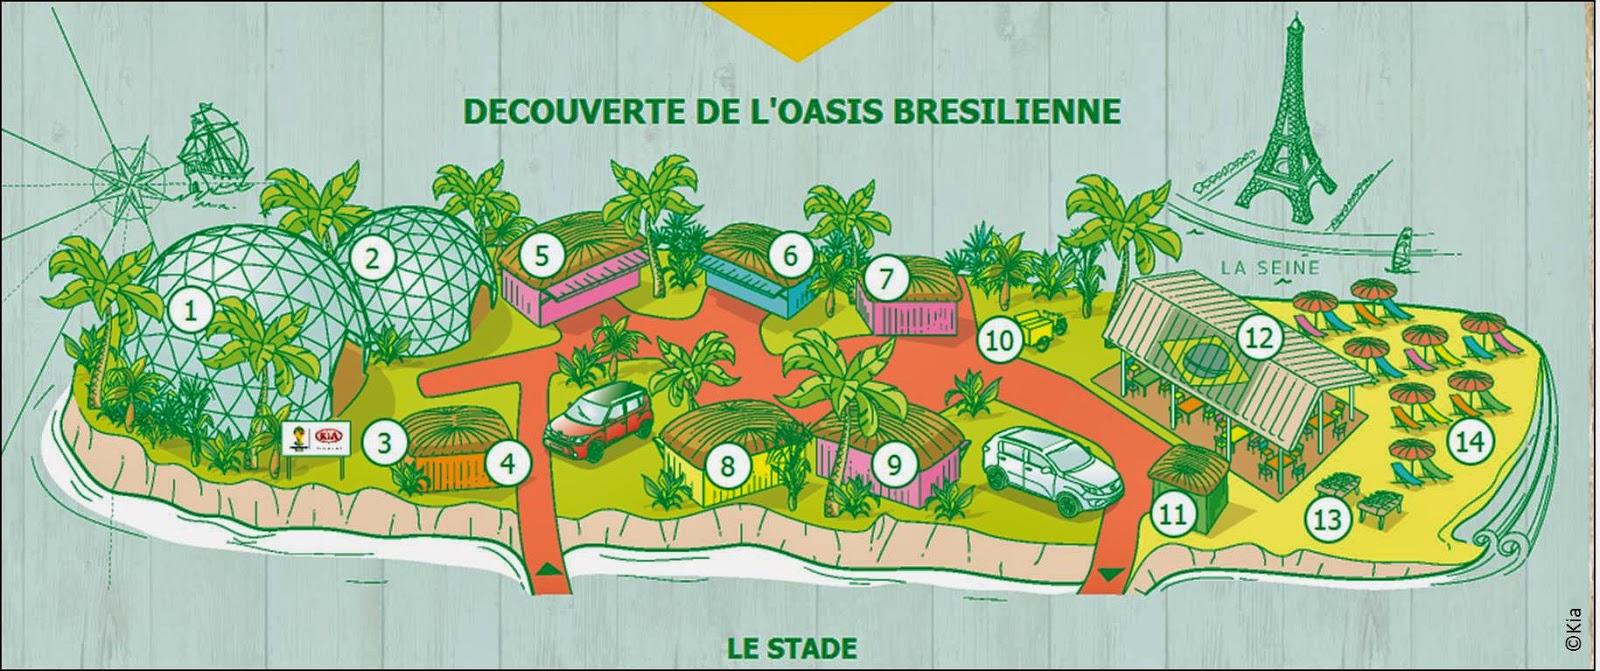 Coupe du monde fan zine Kia cabana Berges de Seine Paris